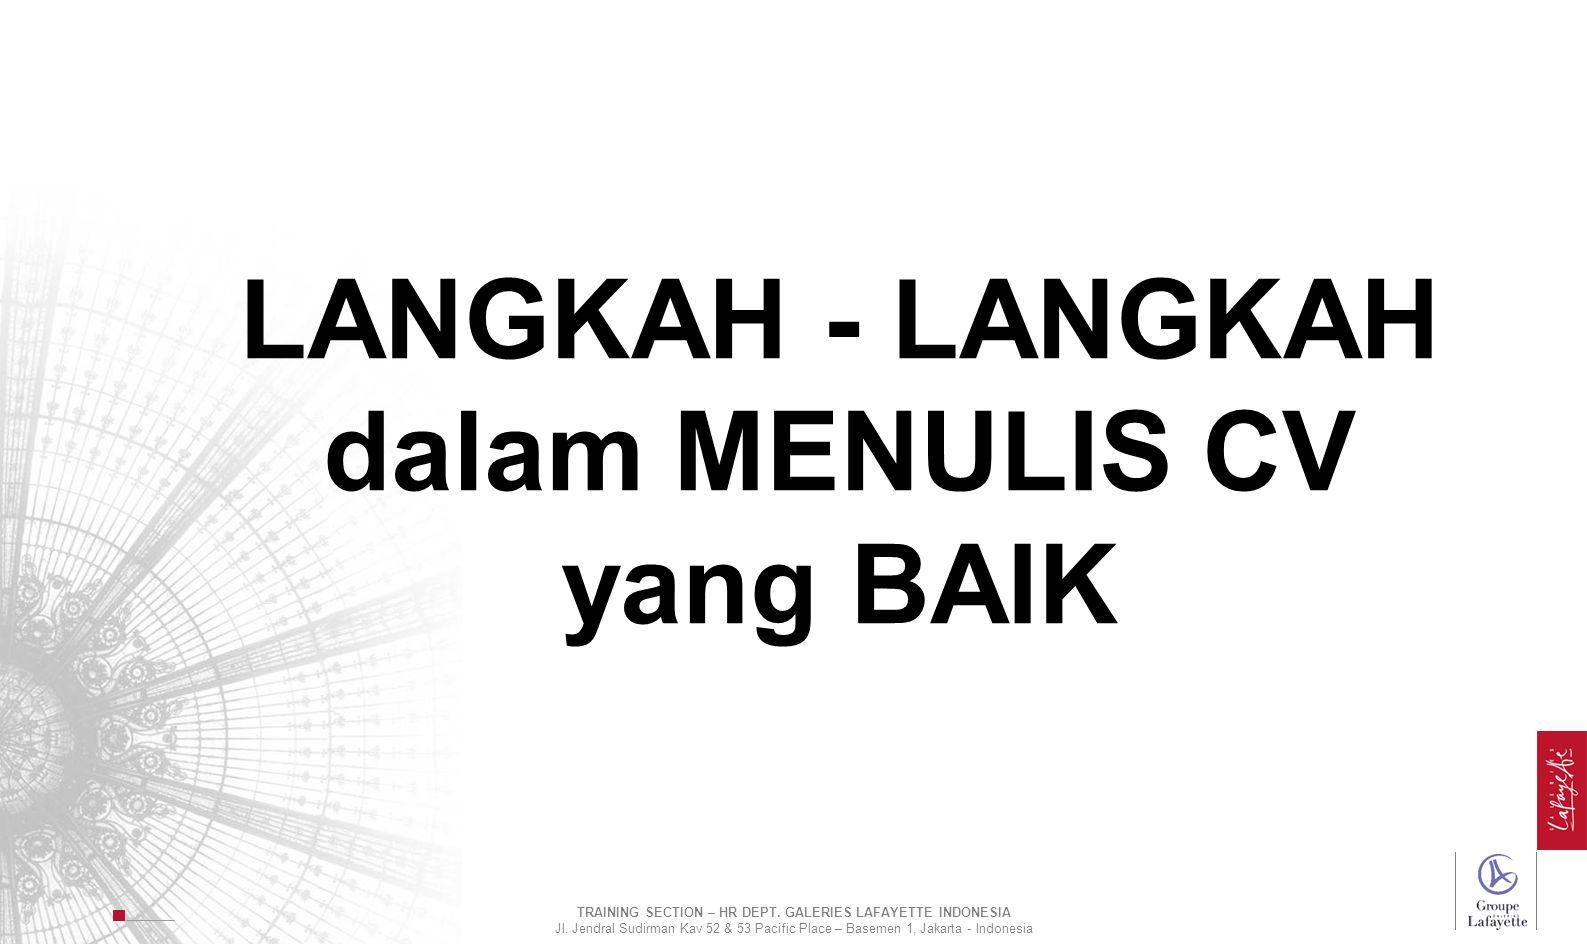 LANGKAH - LANGKAH dalam MENULIS CV yang BAIK TRAINING SECTION – HR DEPT. GALERIES LAFAYETTE INDONESIA Jl. Jendral Sudirman Kav 52 & 53 Pacific Place –